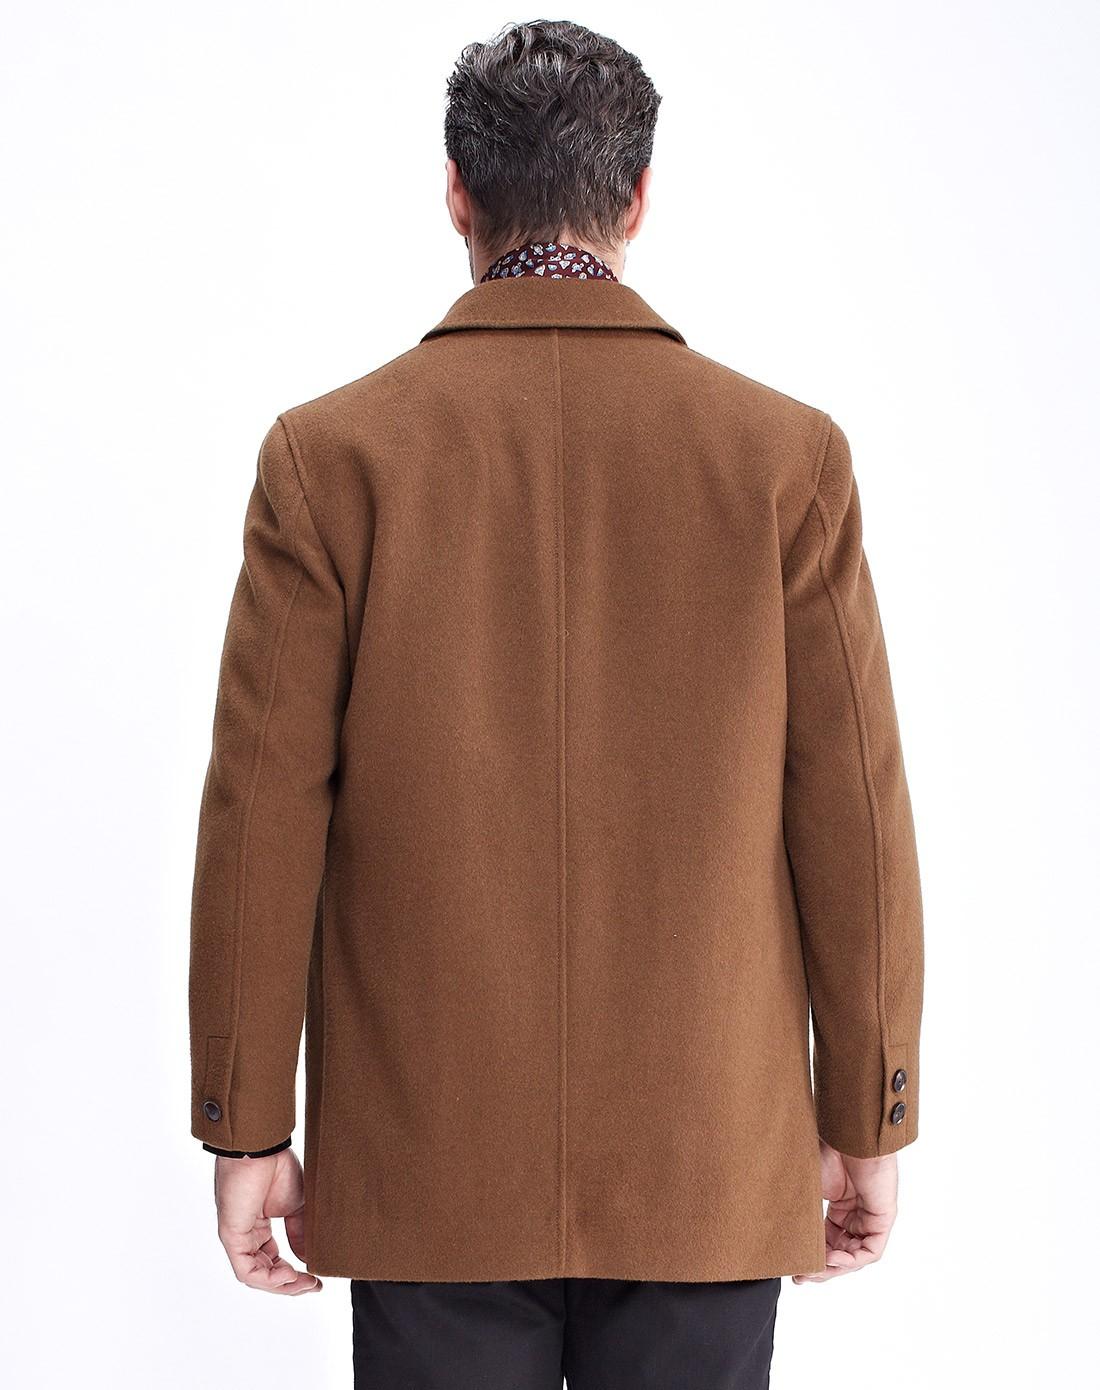 恒源祥男羊绒大衣_恒源祥羊绒男女男士鲜棕色羊毛大衣外套5254423001407